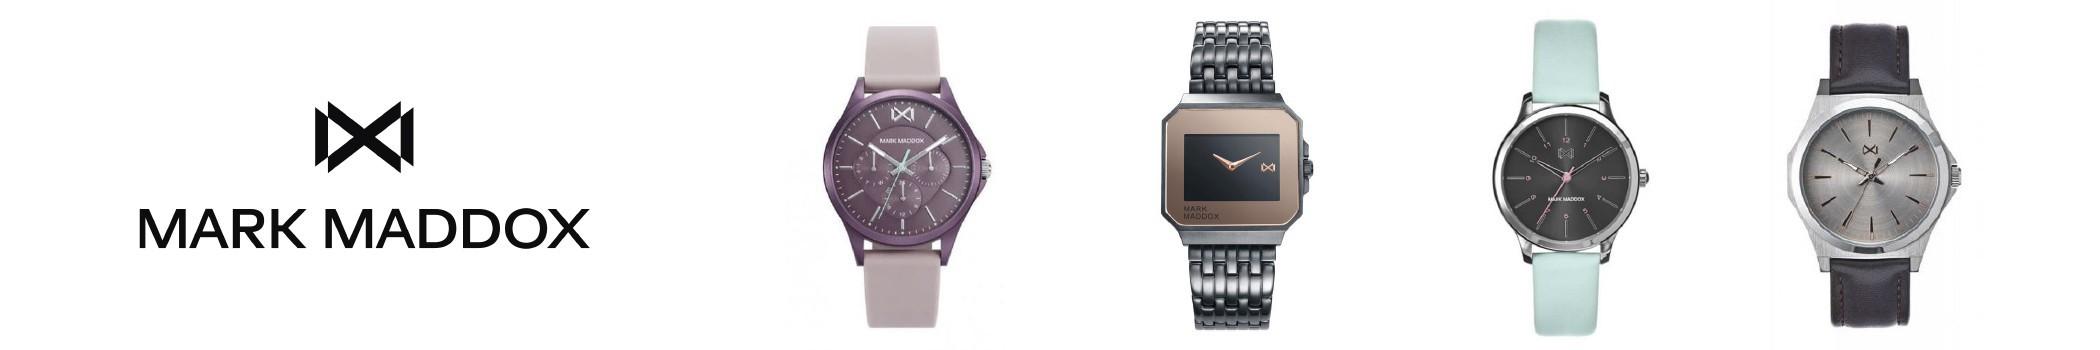 Rellotges Mark Maddox